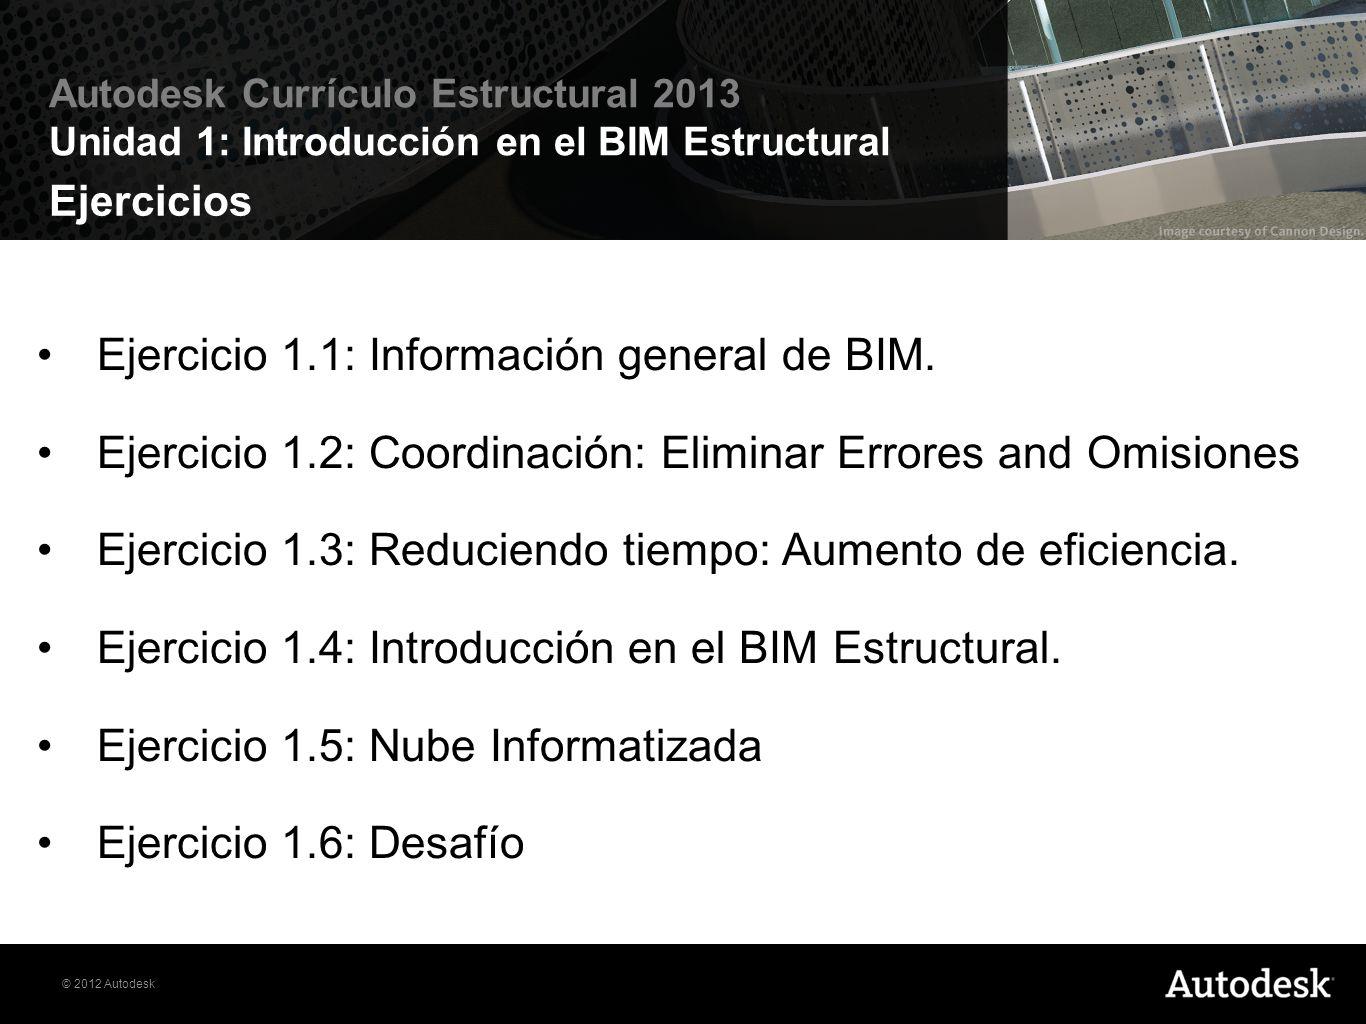 © 2012 Autodesk Autodesk Currículo Estructural 2013 Unidad 1: Introducción en el BIM Estructural Ejercicio 1.4: Introducción en el BIM Estructural